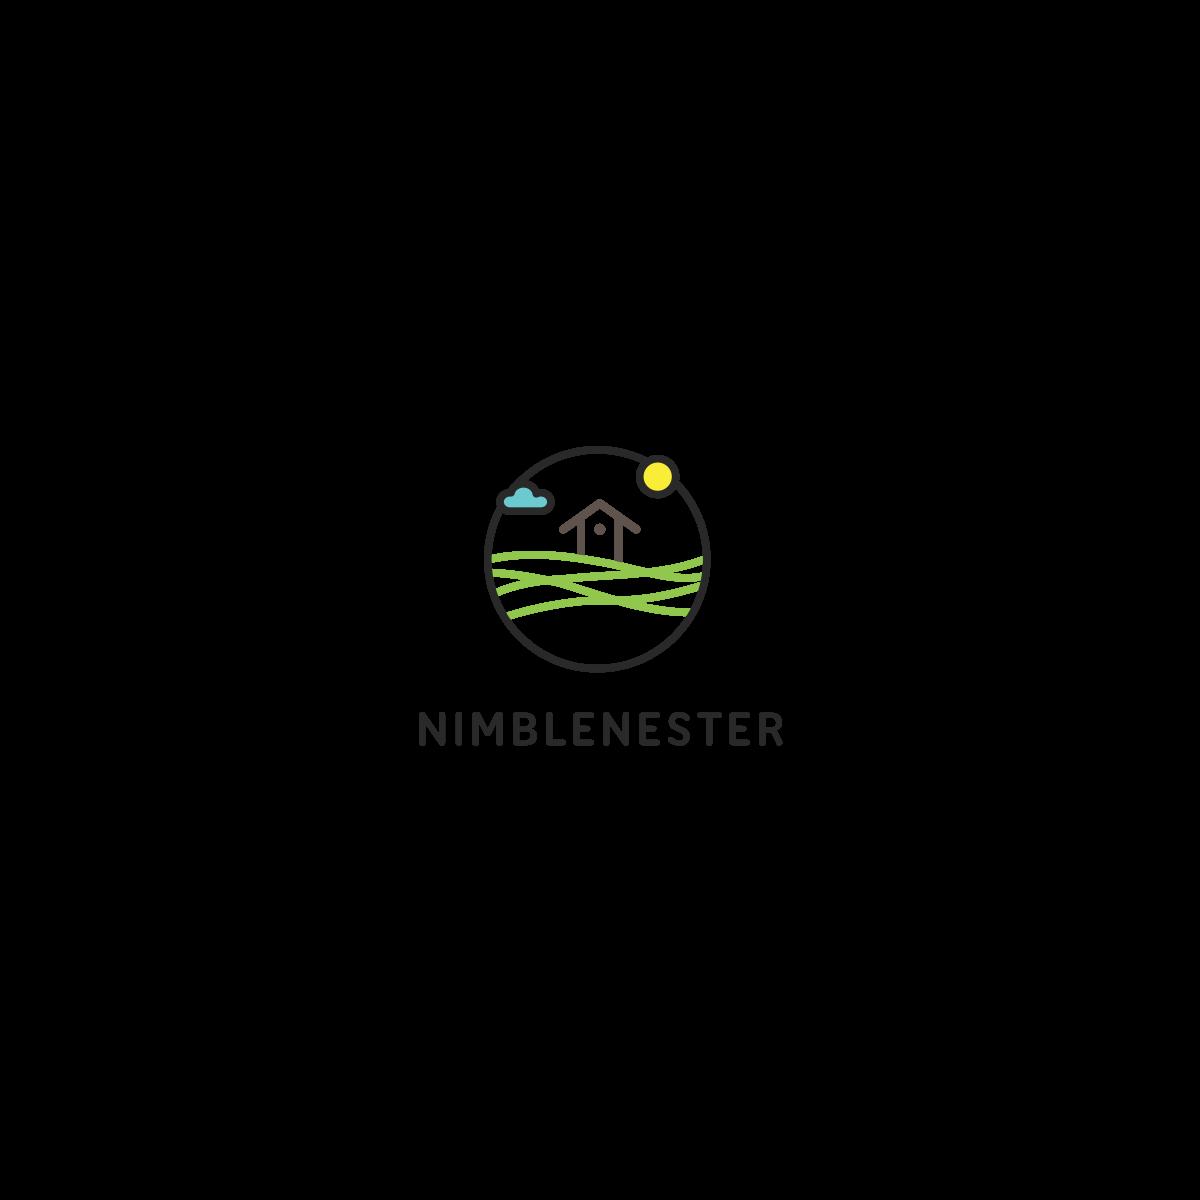 NimbleNester needs an ageless logo